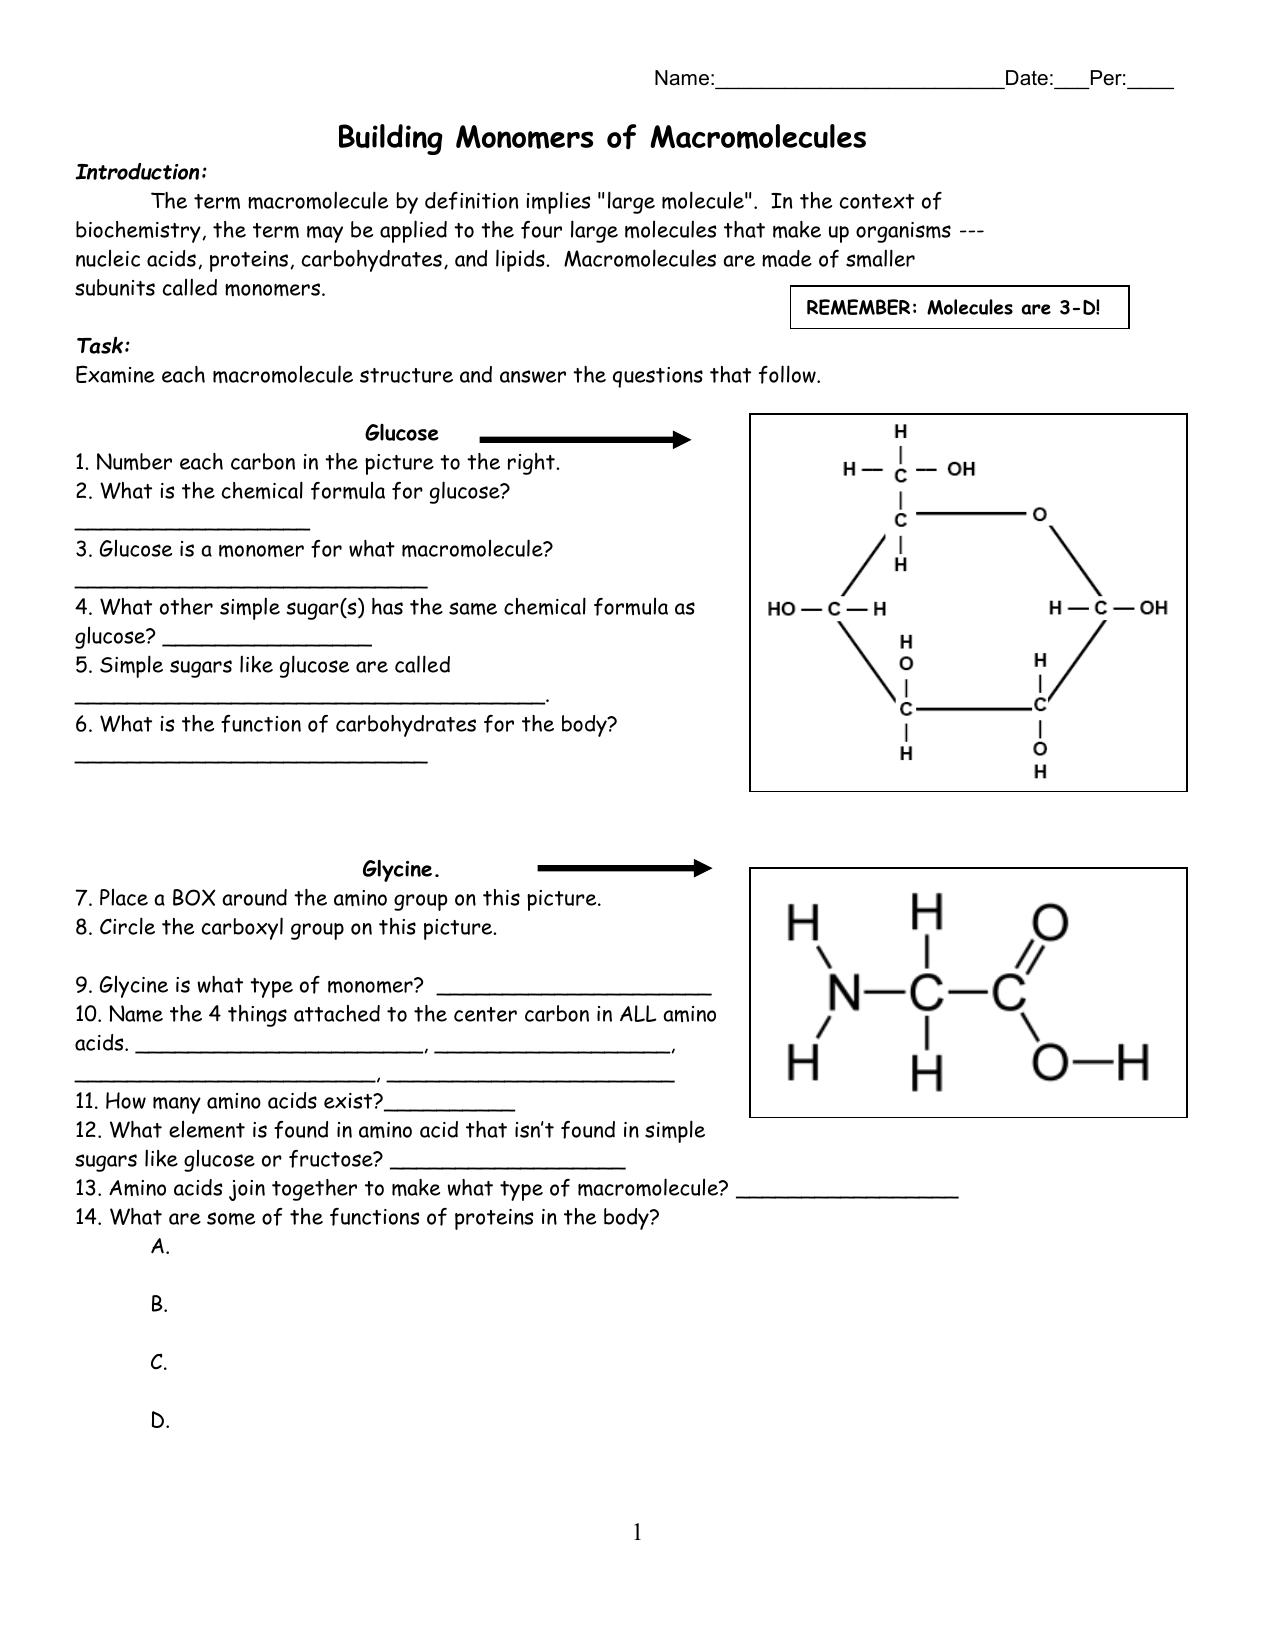 Building Monomers Of Macromolecules Worksheet Answers